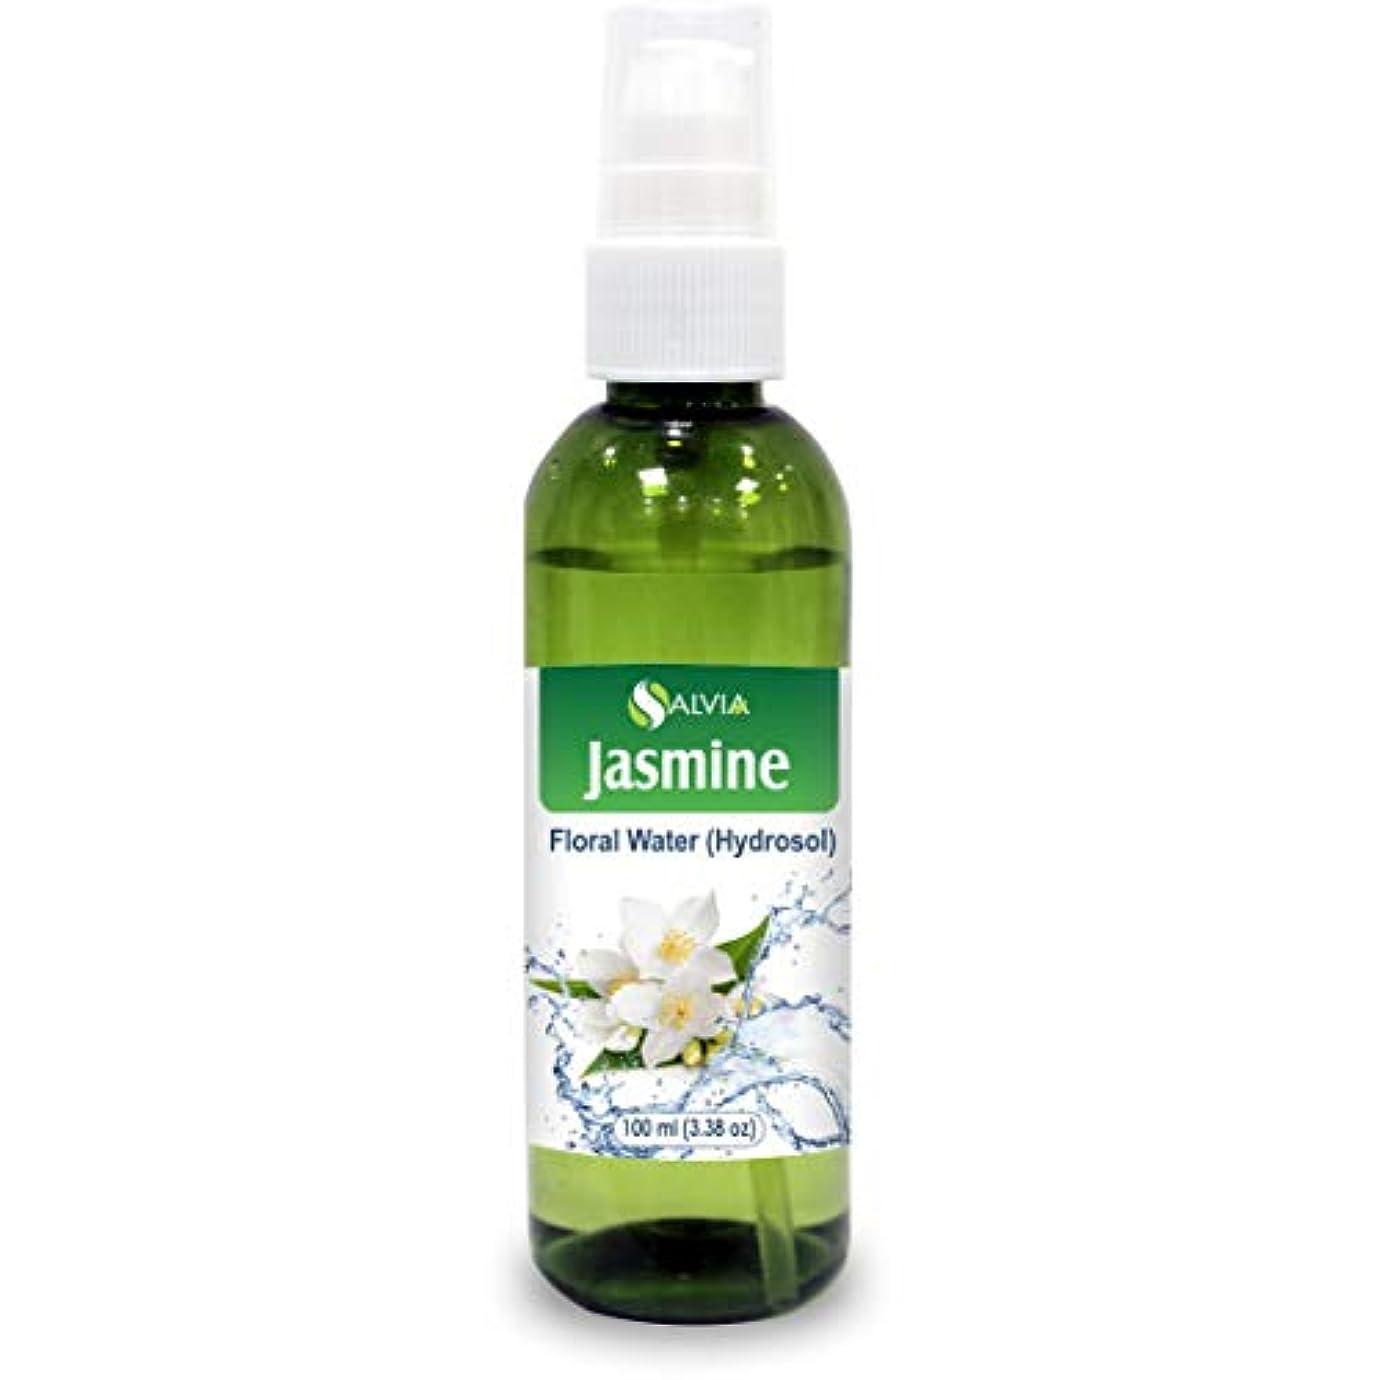 極貧針故障中Jasmine Floral Water 100ml (Hydrosol) 100% Pure And Natural